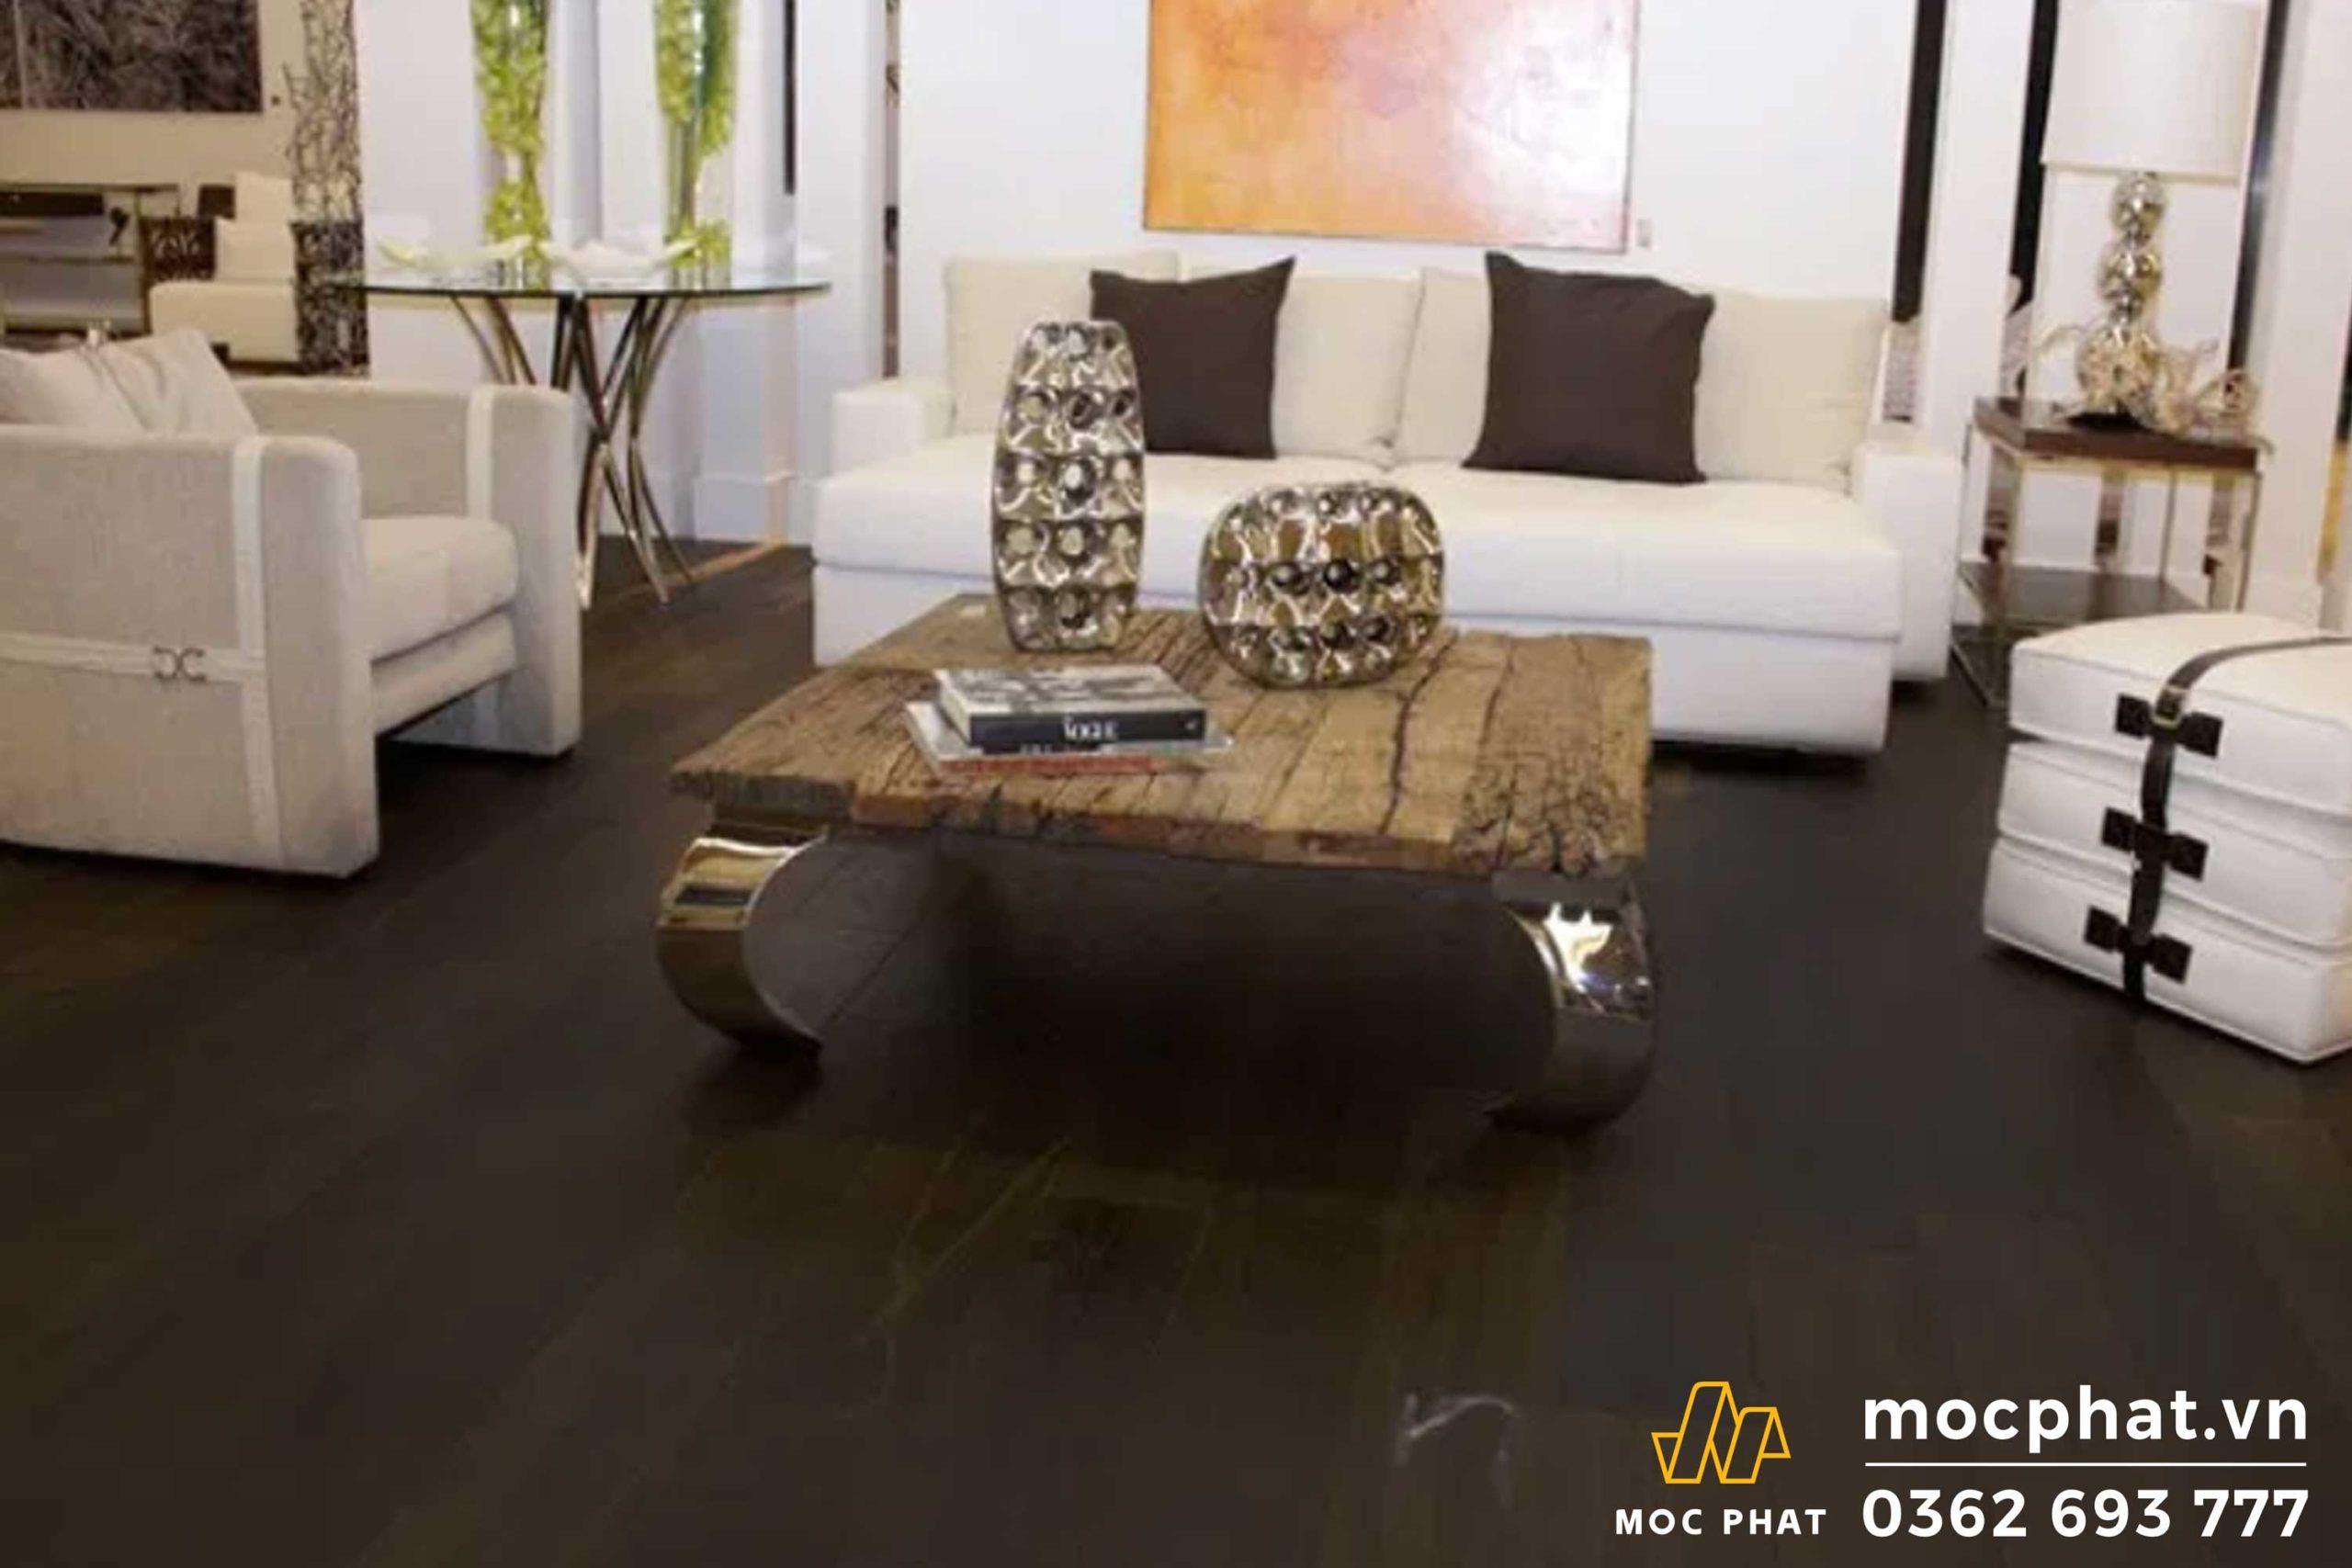 Tường trắng kết hợp sàn gỗ tông màu ấm tạo nên điểm nhấn độc đáo - cách lựa chọn màu sắc sàn gỗ